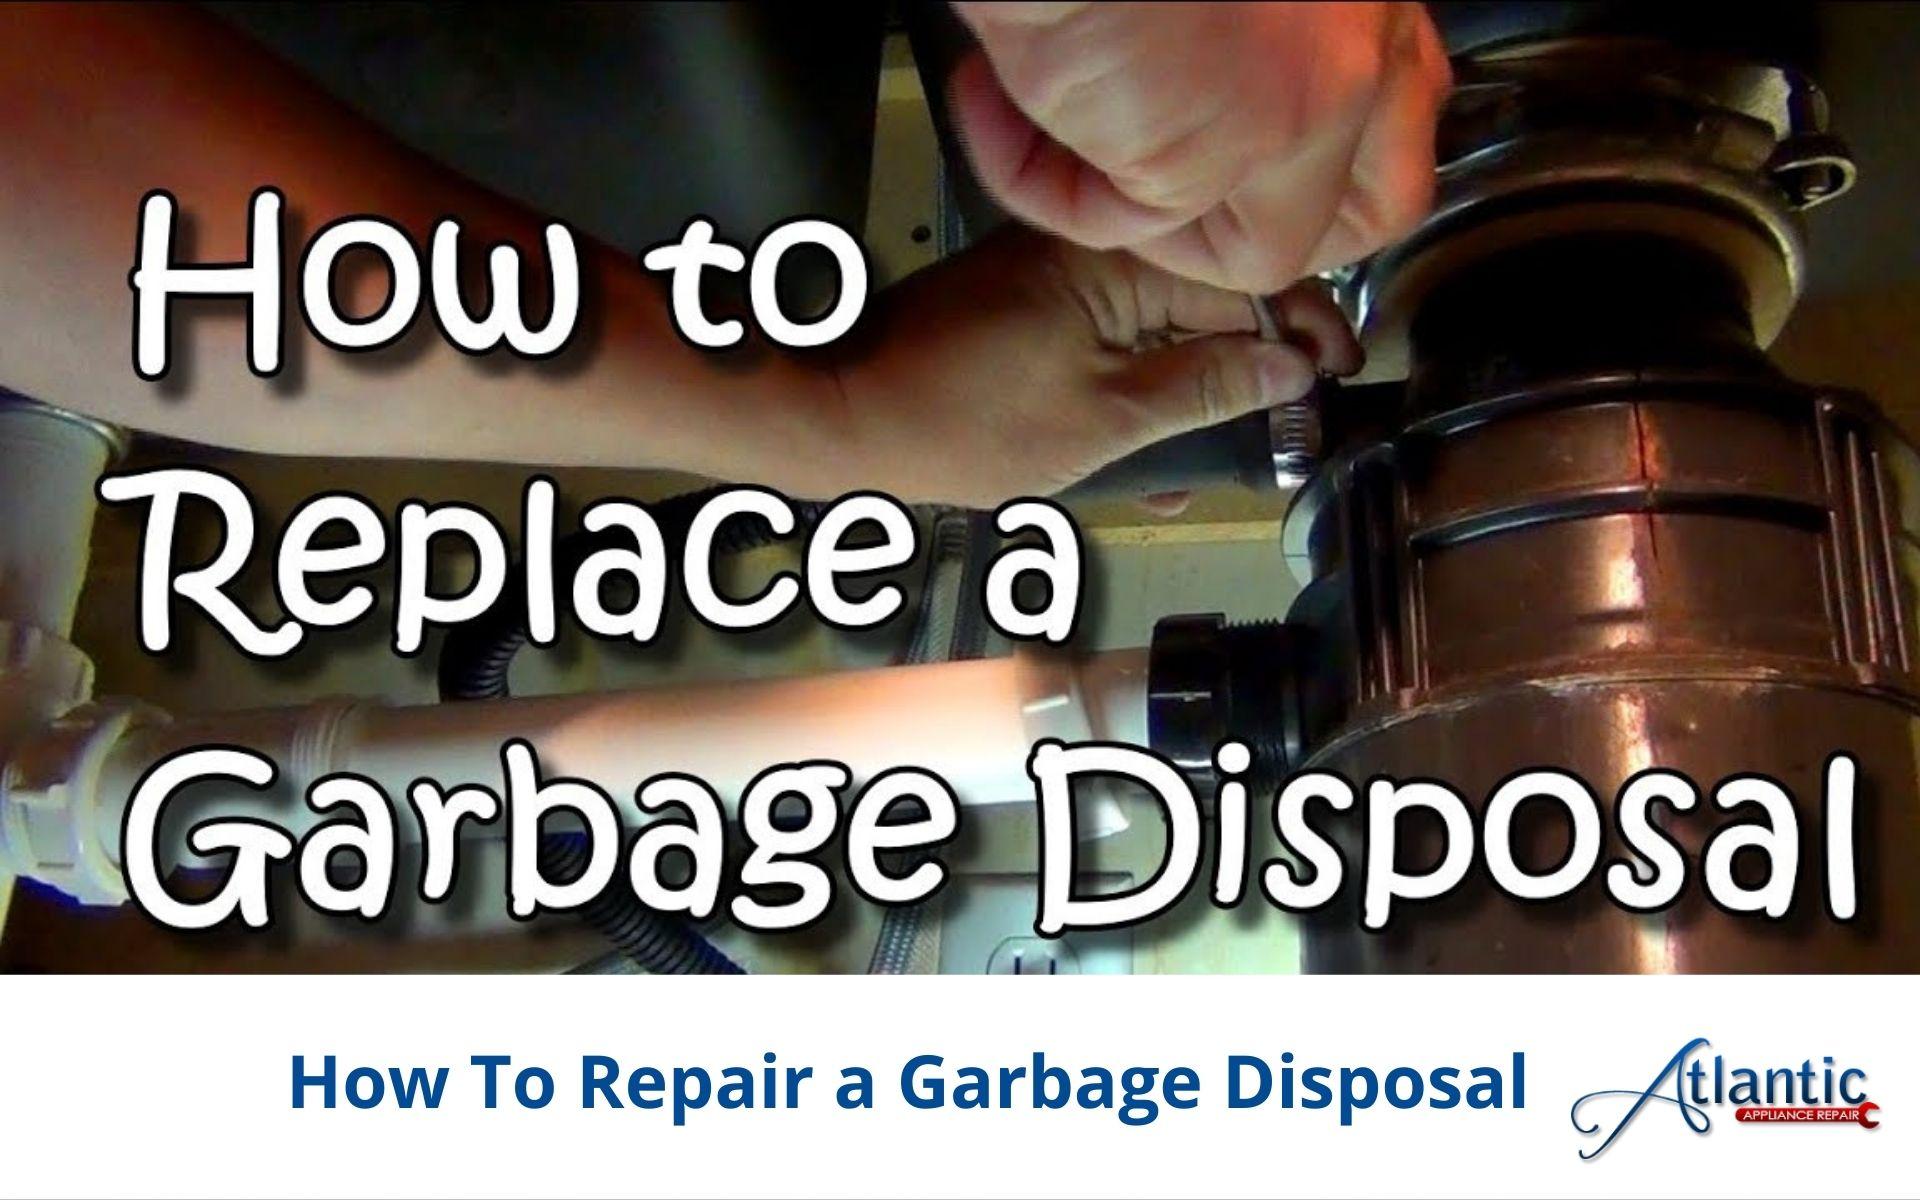 garbage disposal repair cost,garbage disposal not working,broken garbage disposal,garbage disposals problems,garbage disposal fixing,inside a garbage disposal